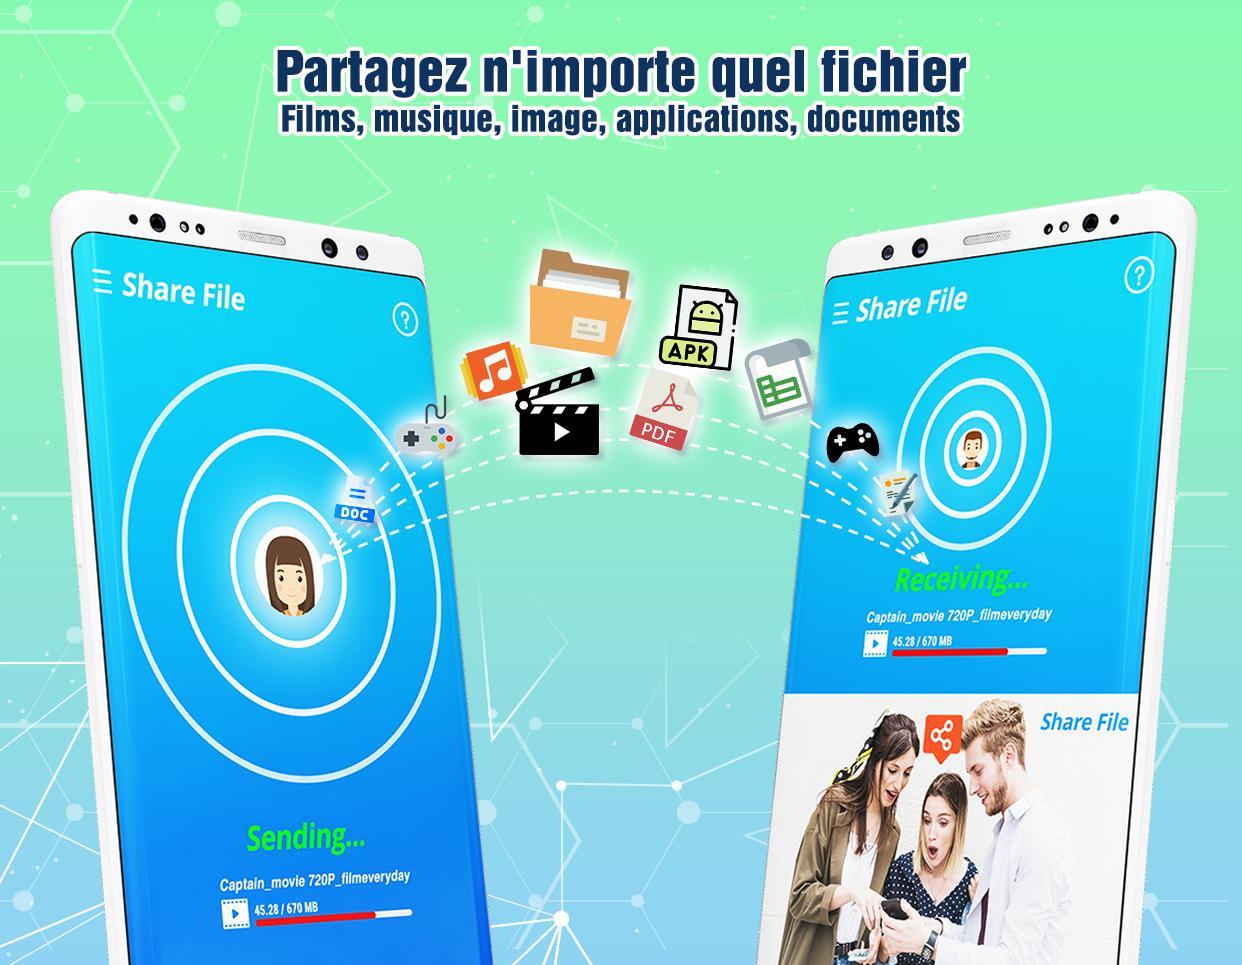 Apps pour partager des apk pour Android